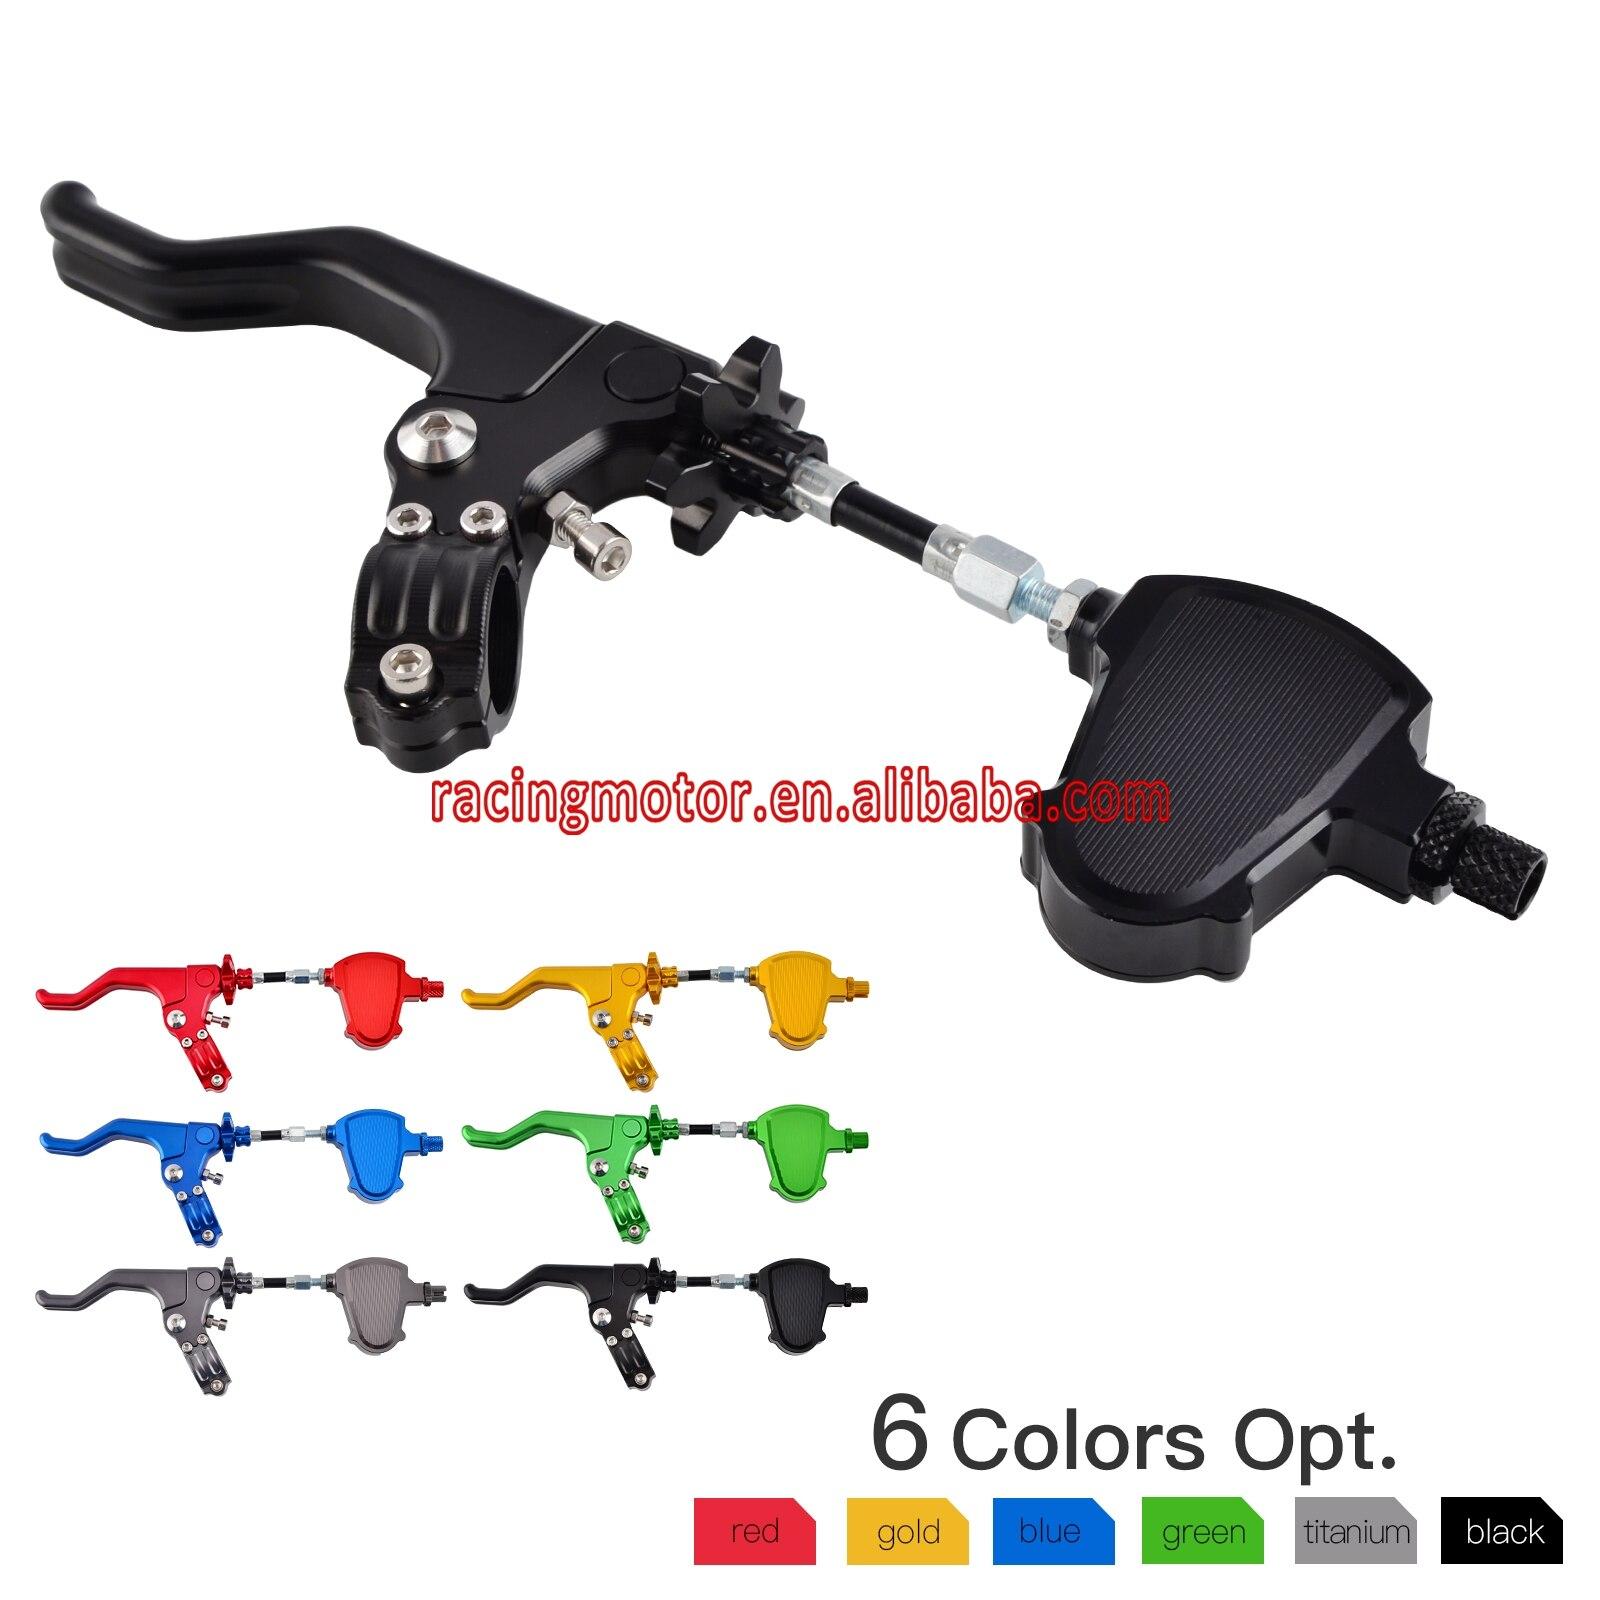 CNC Stunt Clutch Pull Cable Lever Easy System for Yamaha FZ1 FZ6 Fazer FZ6R FZ8 XSR700 XSR90 XJ6 TDM900 YZFR6S universal windshield cnc motorcycle fairing body work fasten bolts screws for yamaha fz1 fazer fz6r fz8 xj6 fz6 mt 09 fz 09